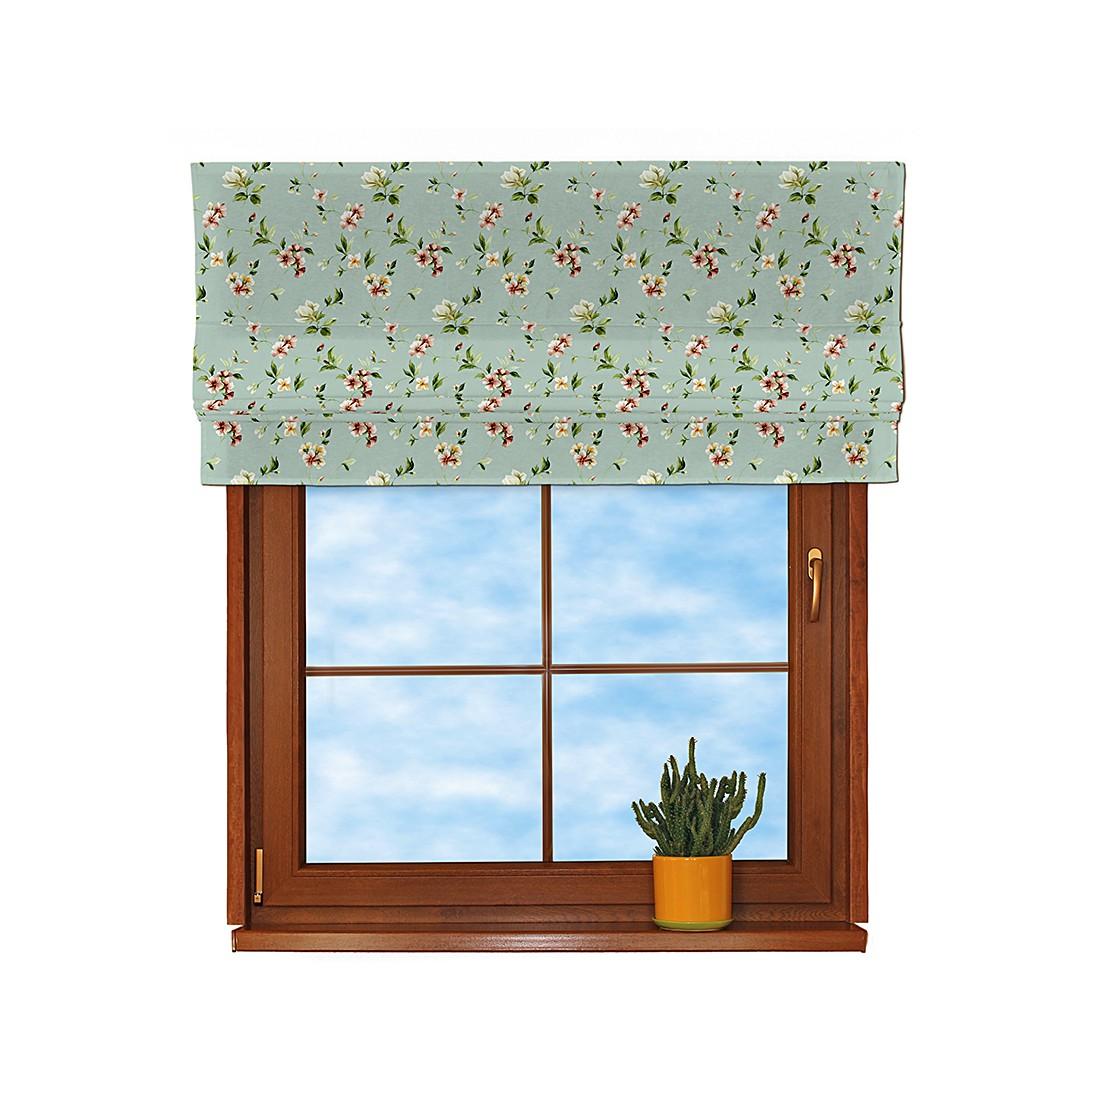 Image of Tenda a pacchetto - Celeste con fiori piccoli Tenda a rollo - Blu chiaro con fiori piccoli - 100x170 cm, Dekoria